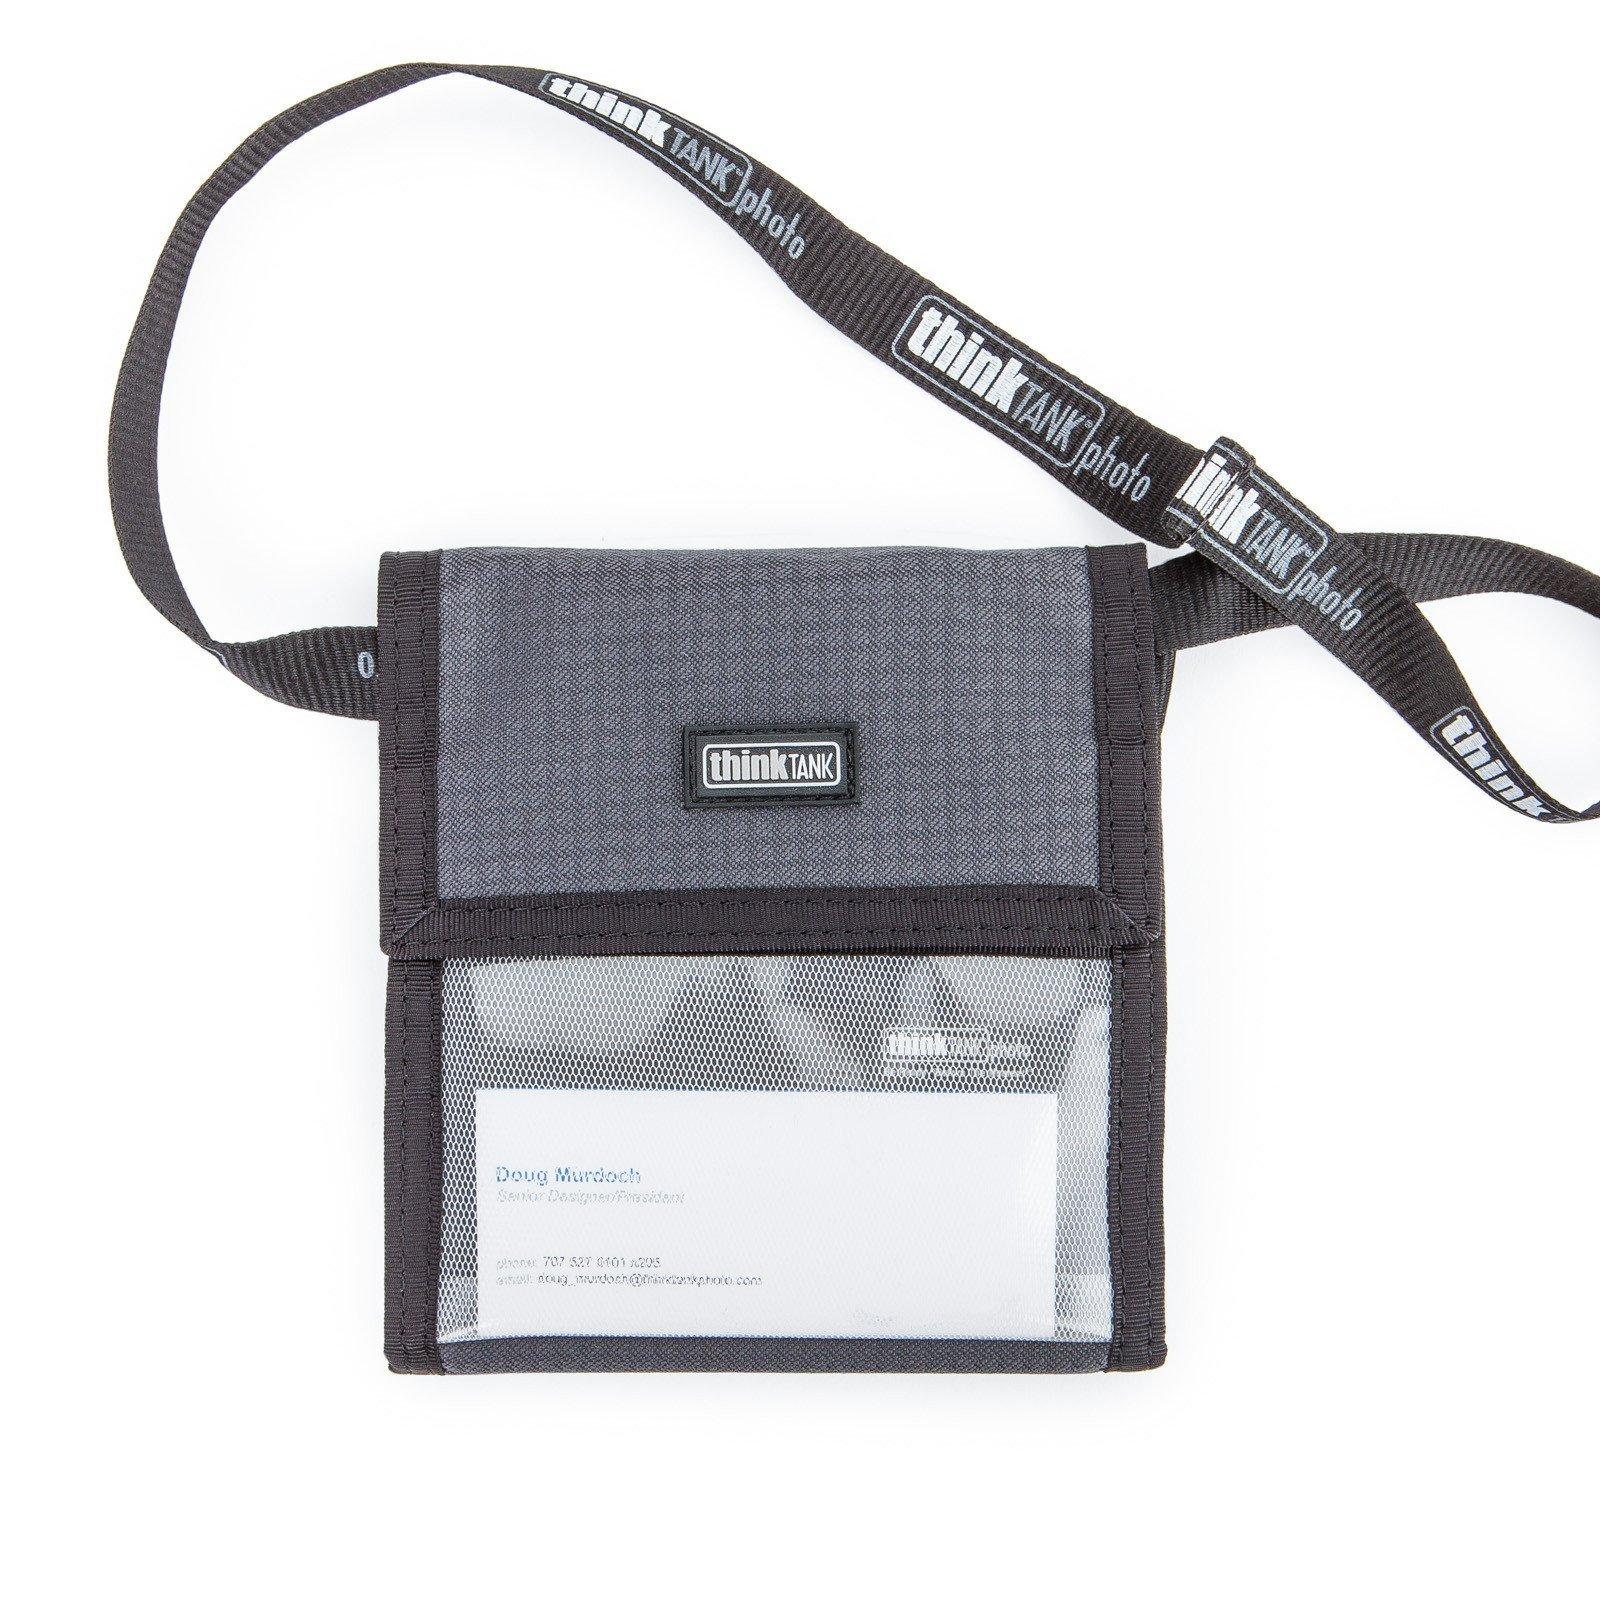 Think Tank Photo Modular Pixel Pocket Rocket Memory Card Carrier